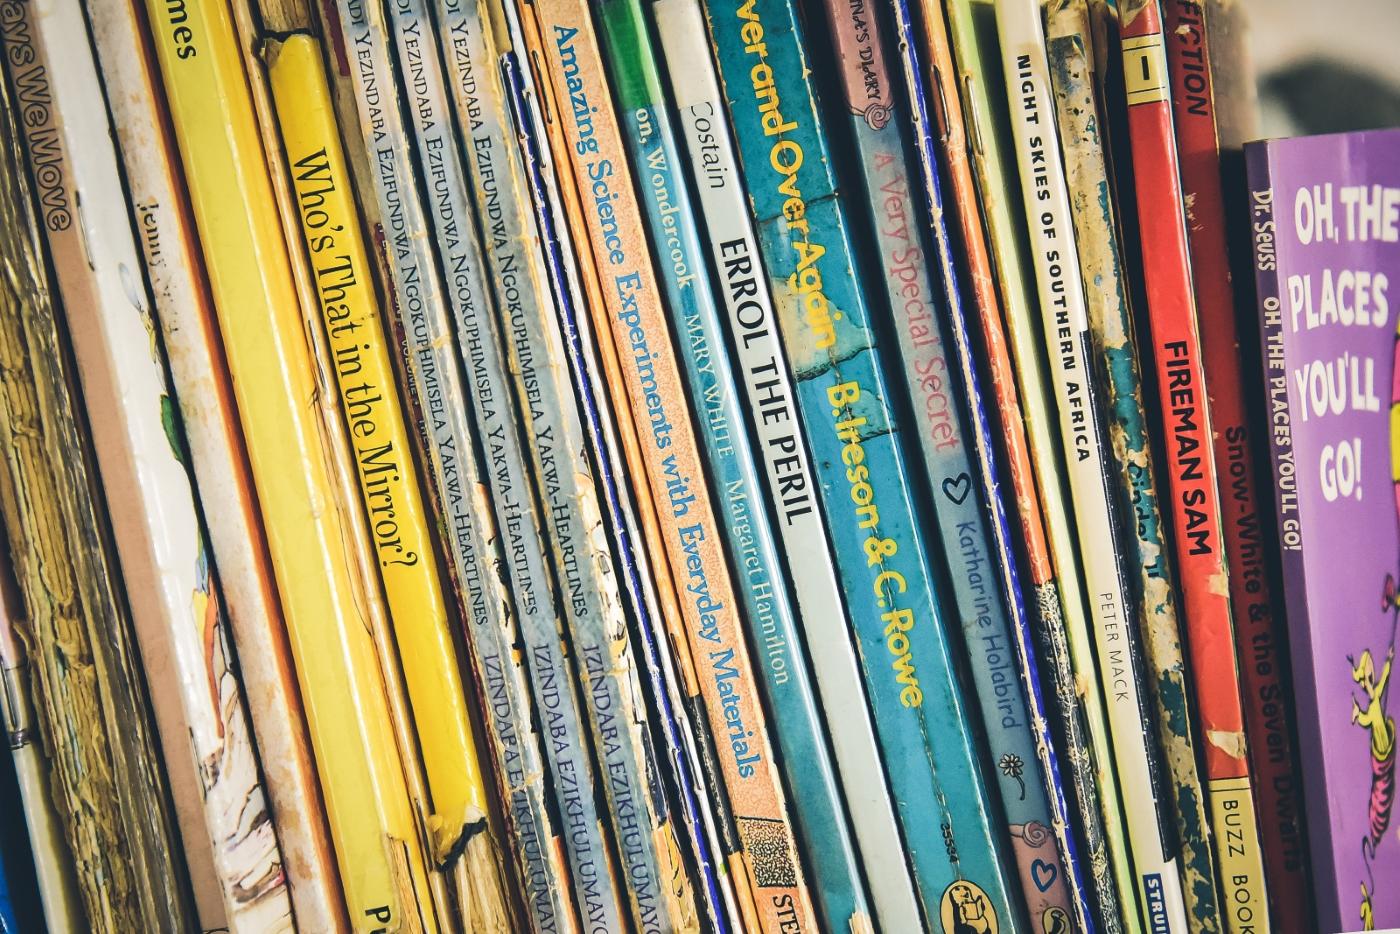 Bunte Rücken alter Bücher stehen dicht nebeneinander